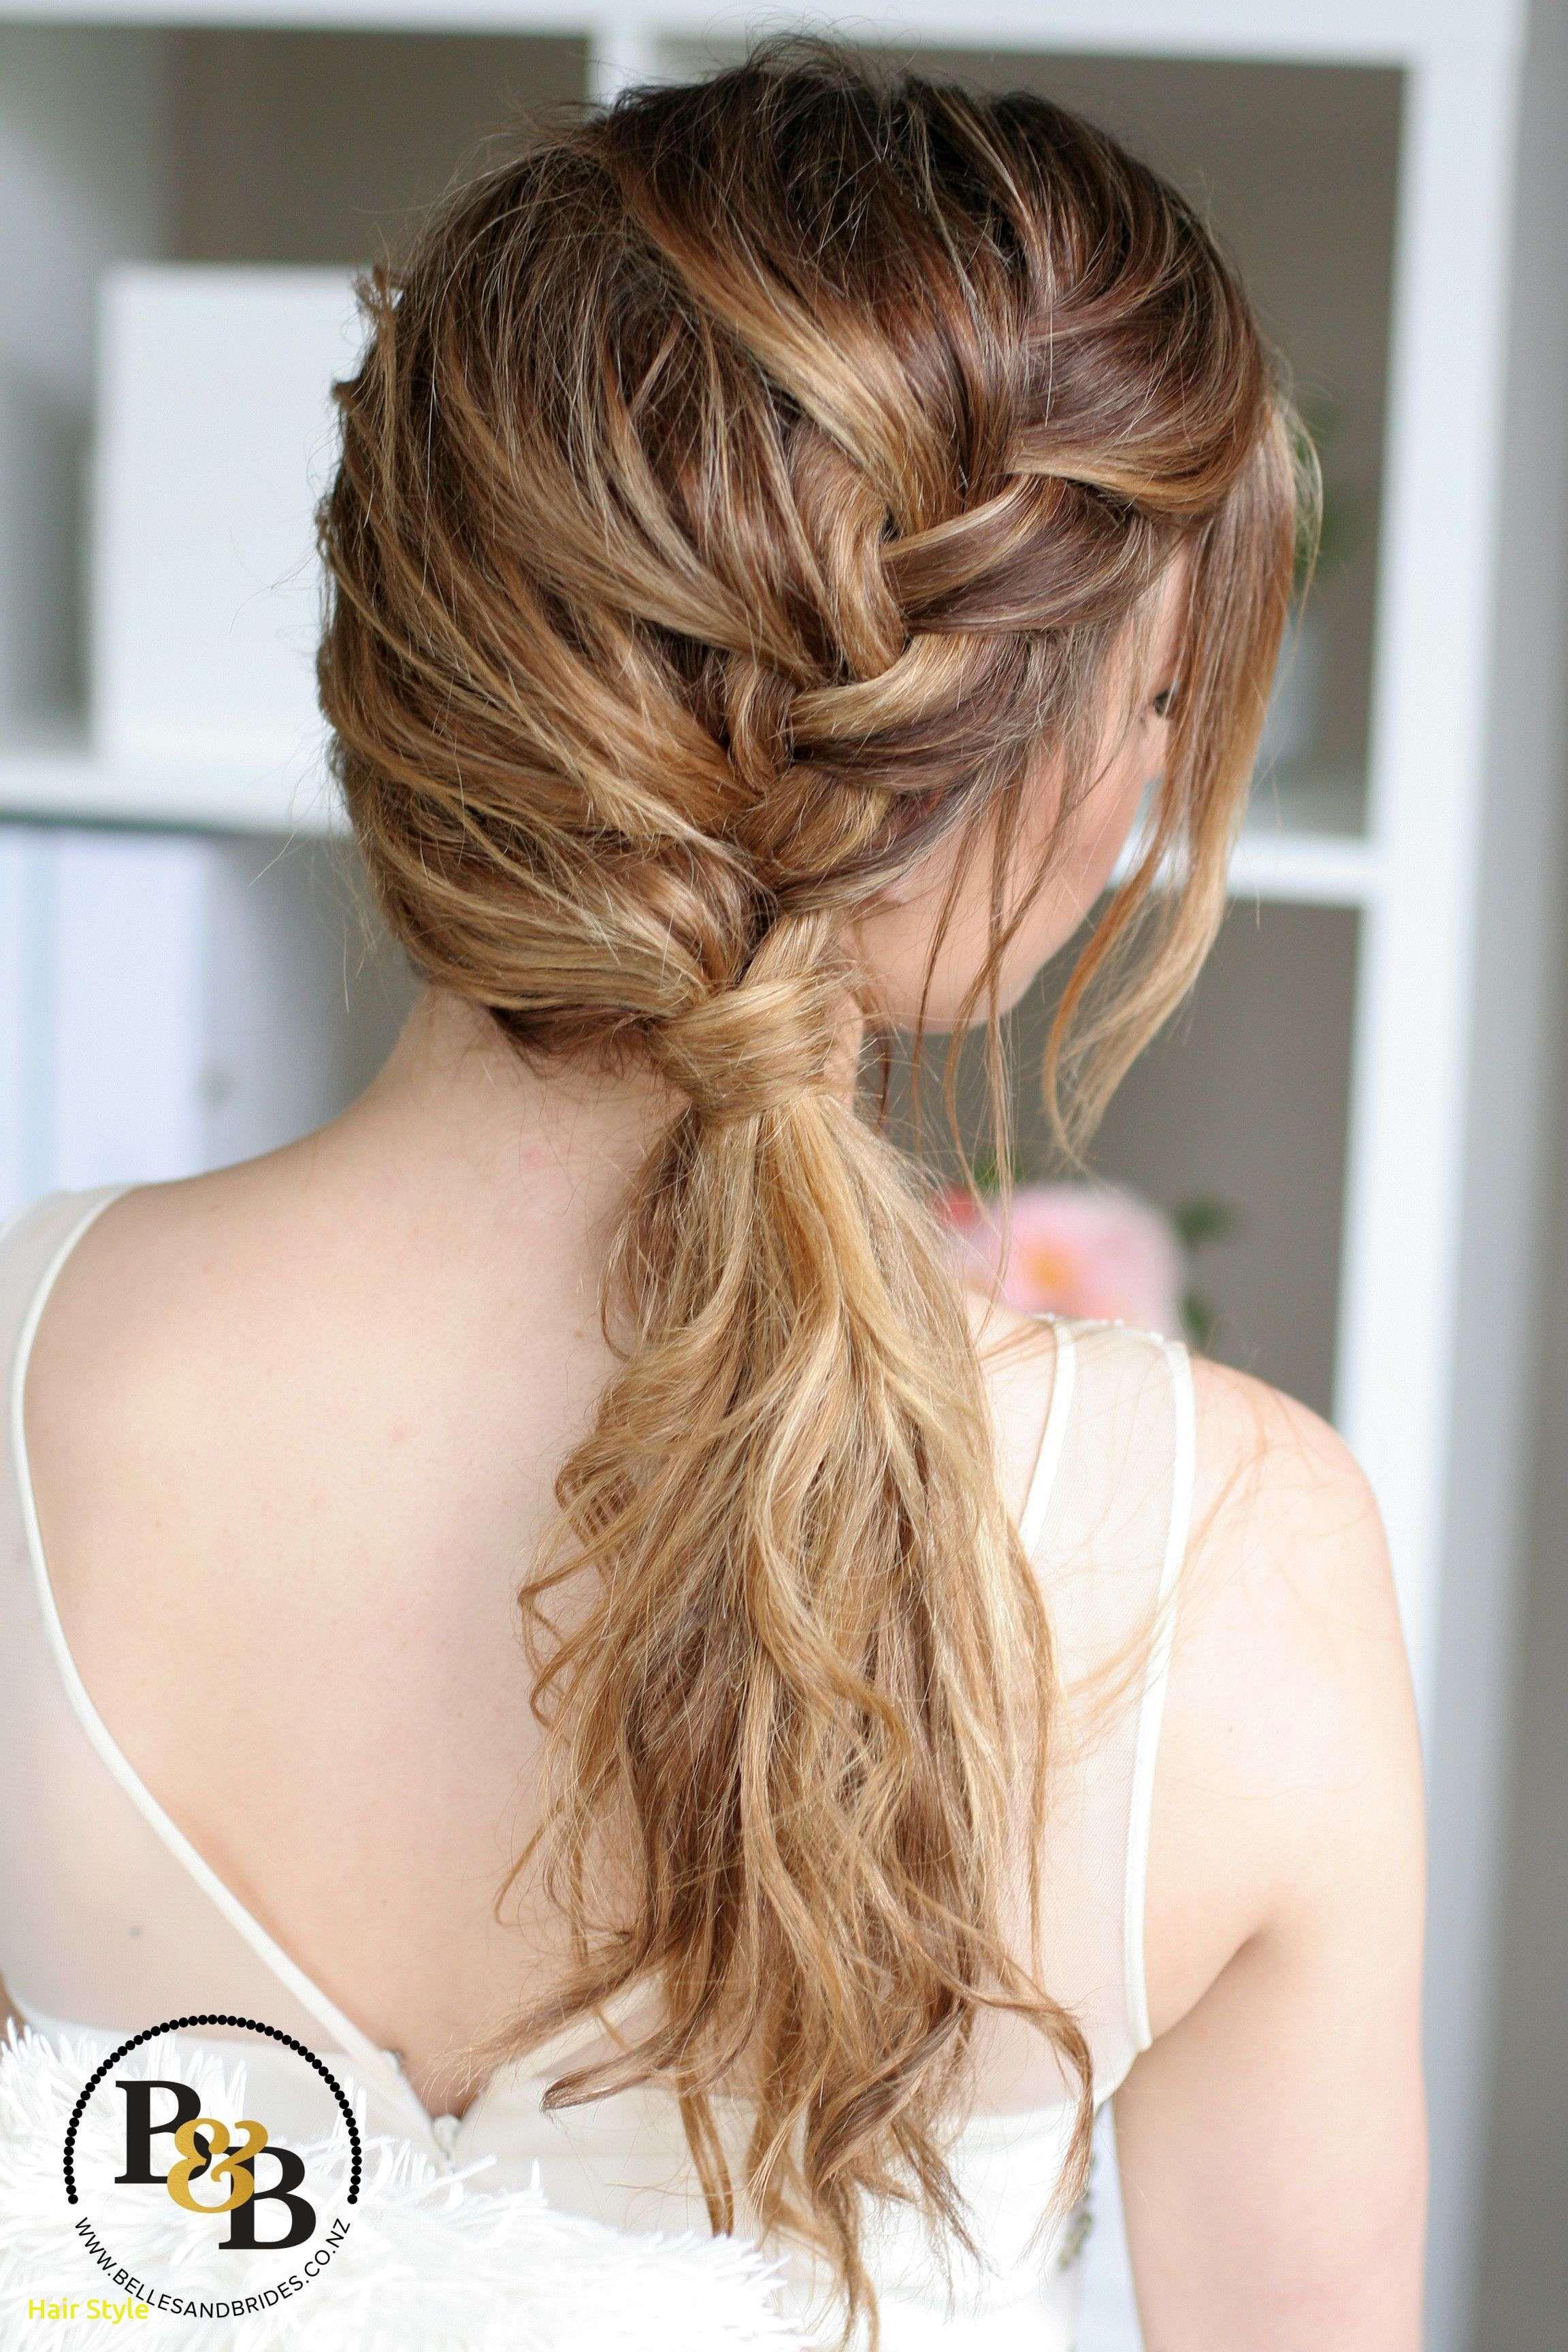 14+ Frisur lange haare zur seite inspiration